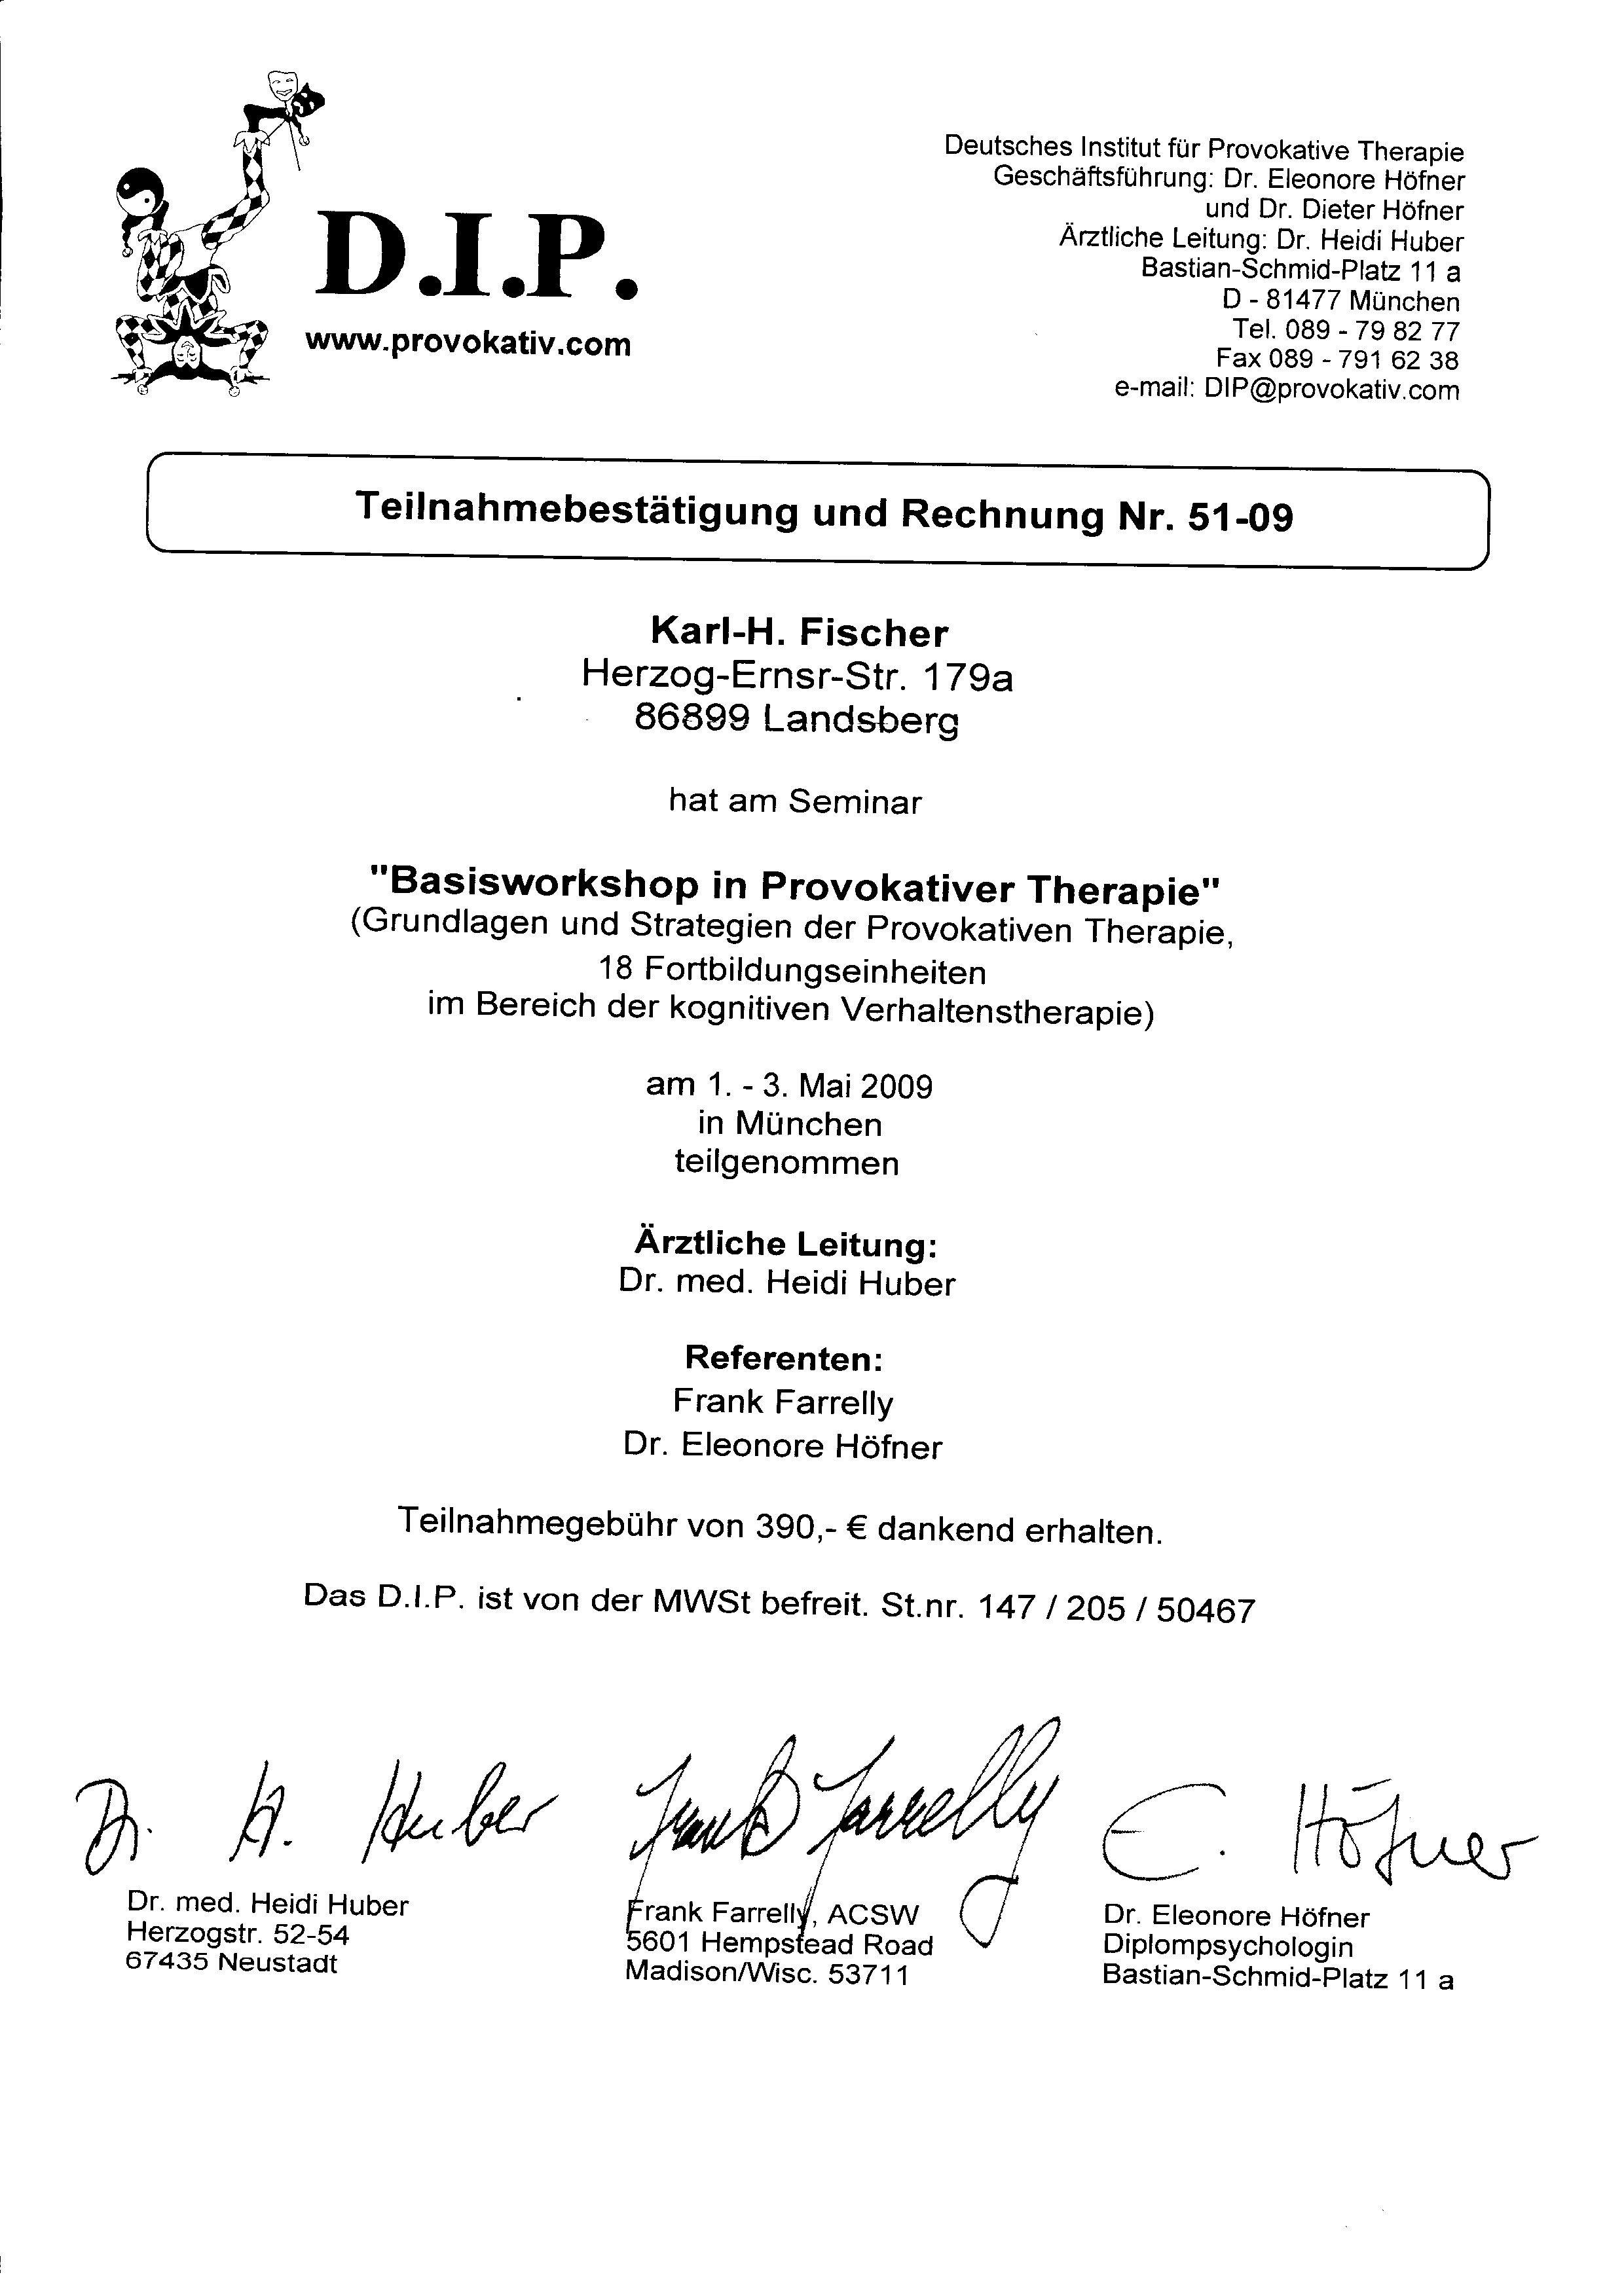 Atemberaubend Gratis Preis Zertifikat Schablonen Fassen Bilder ...